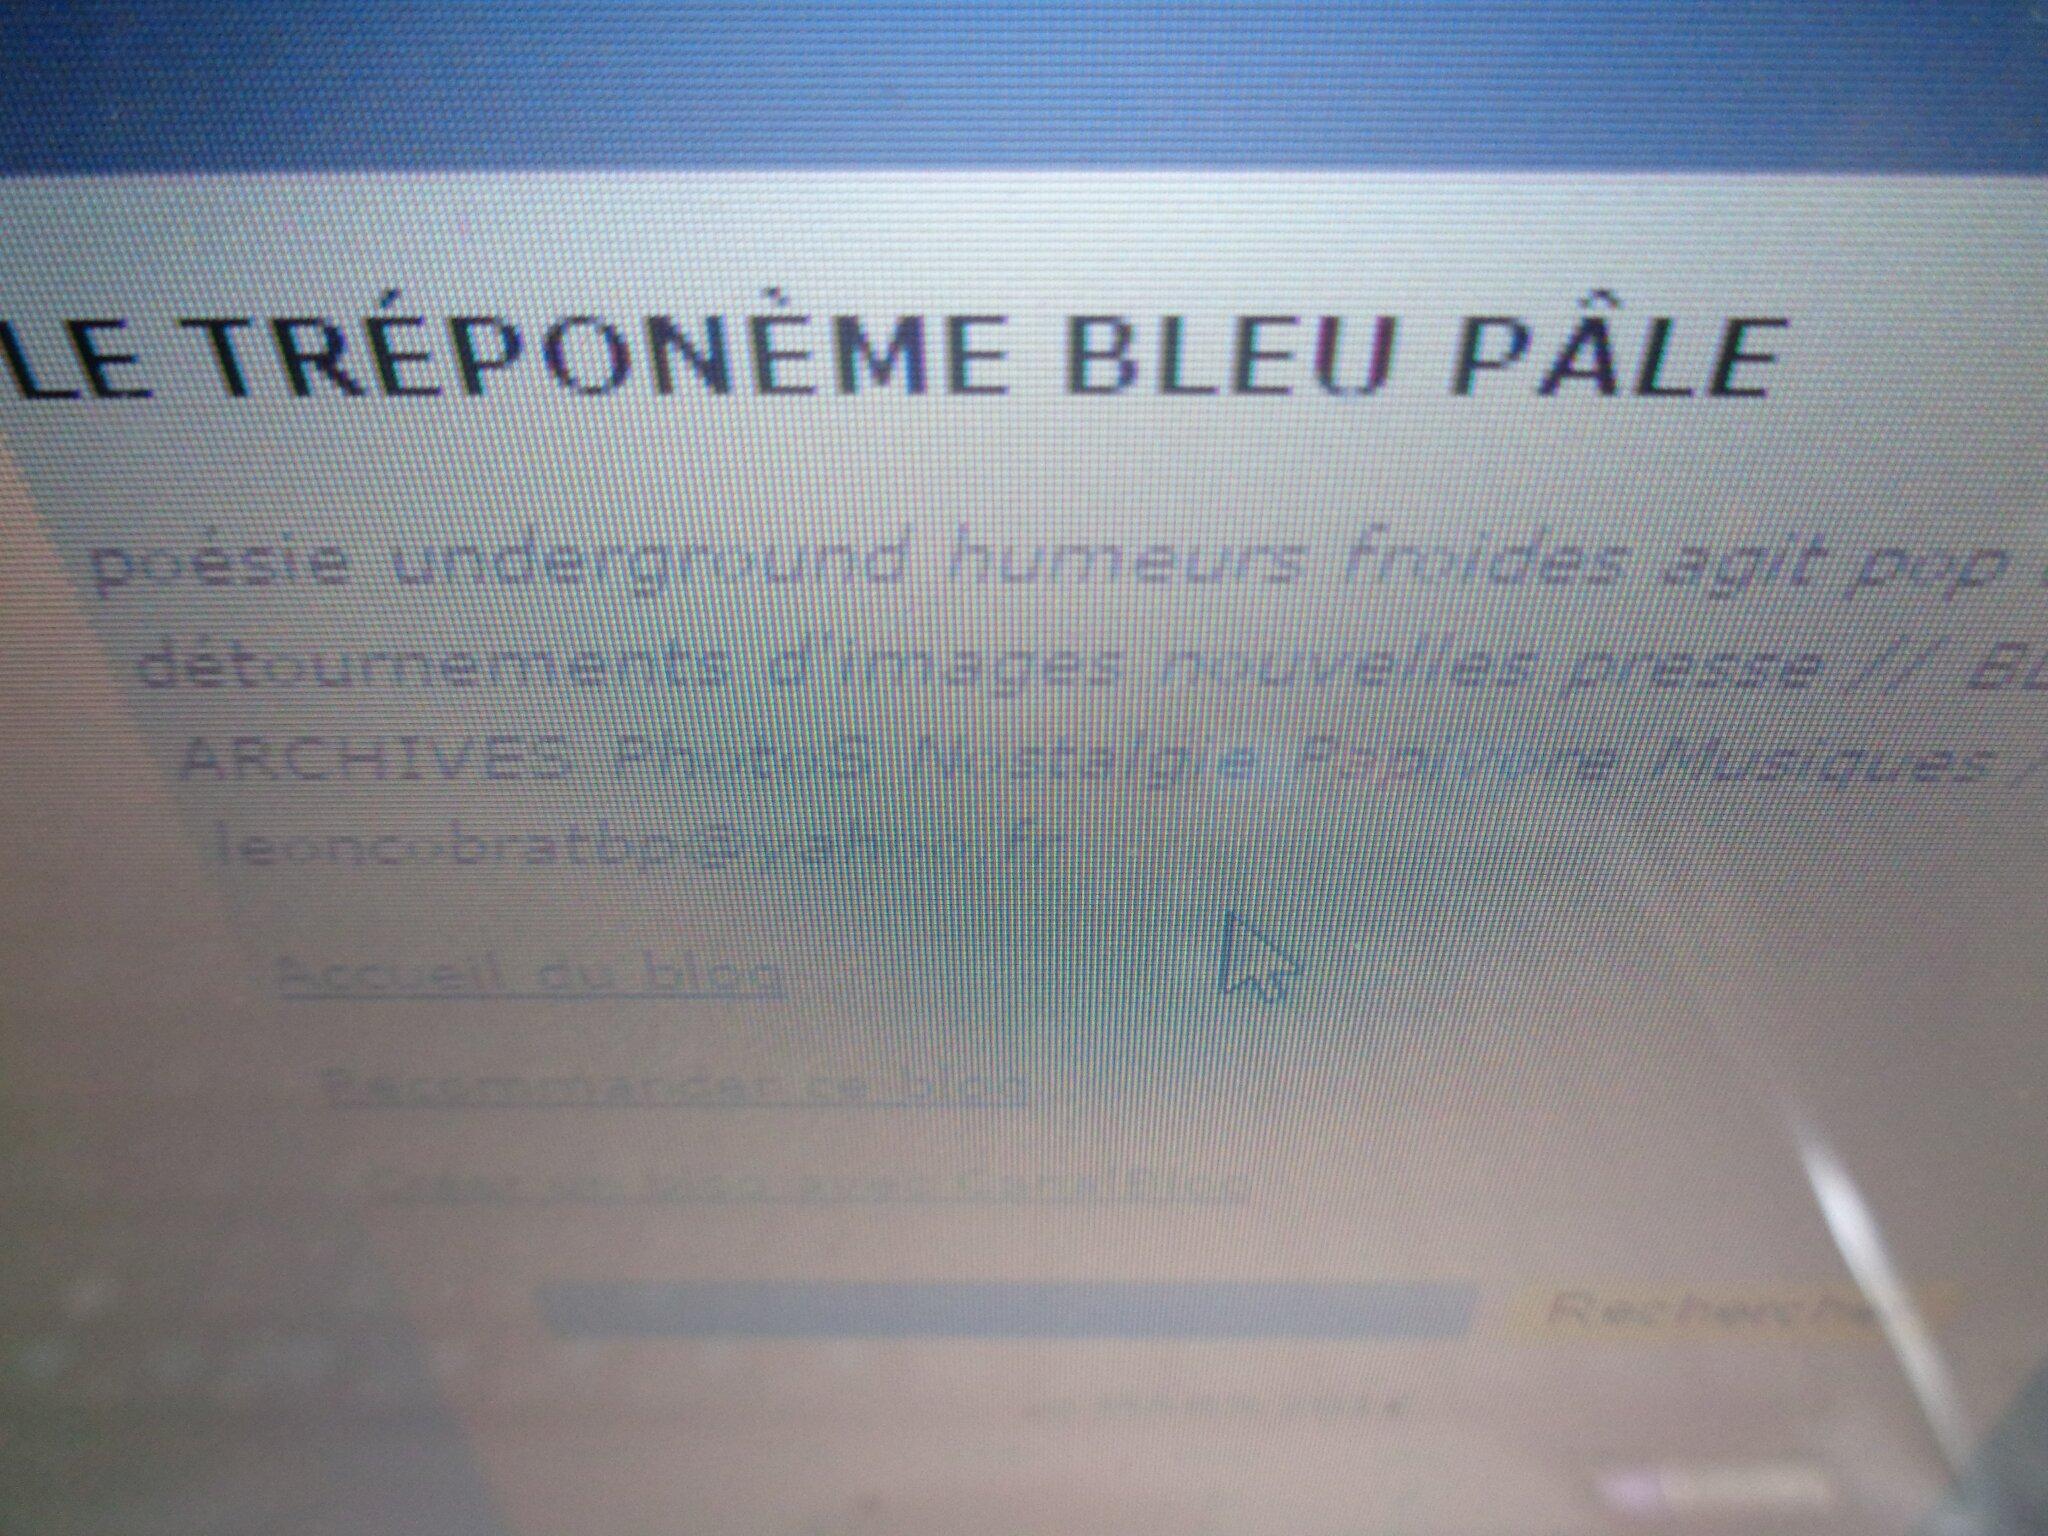 Sur Le Tréponème Bleu Pâle, quelques textes de C.-L. Desguin